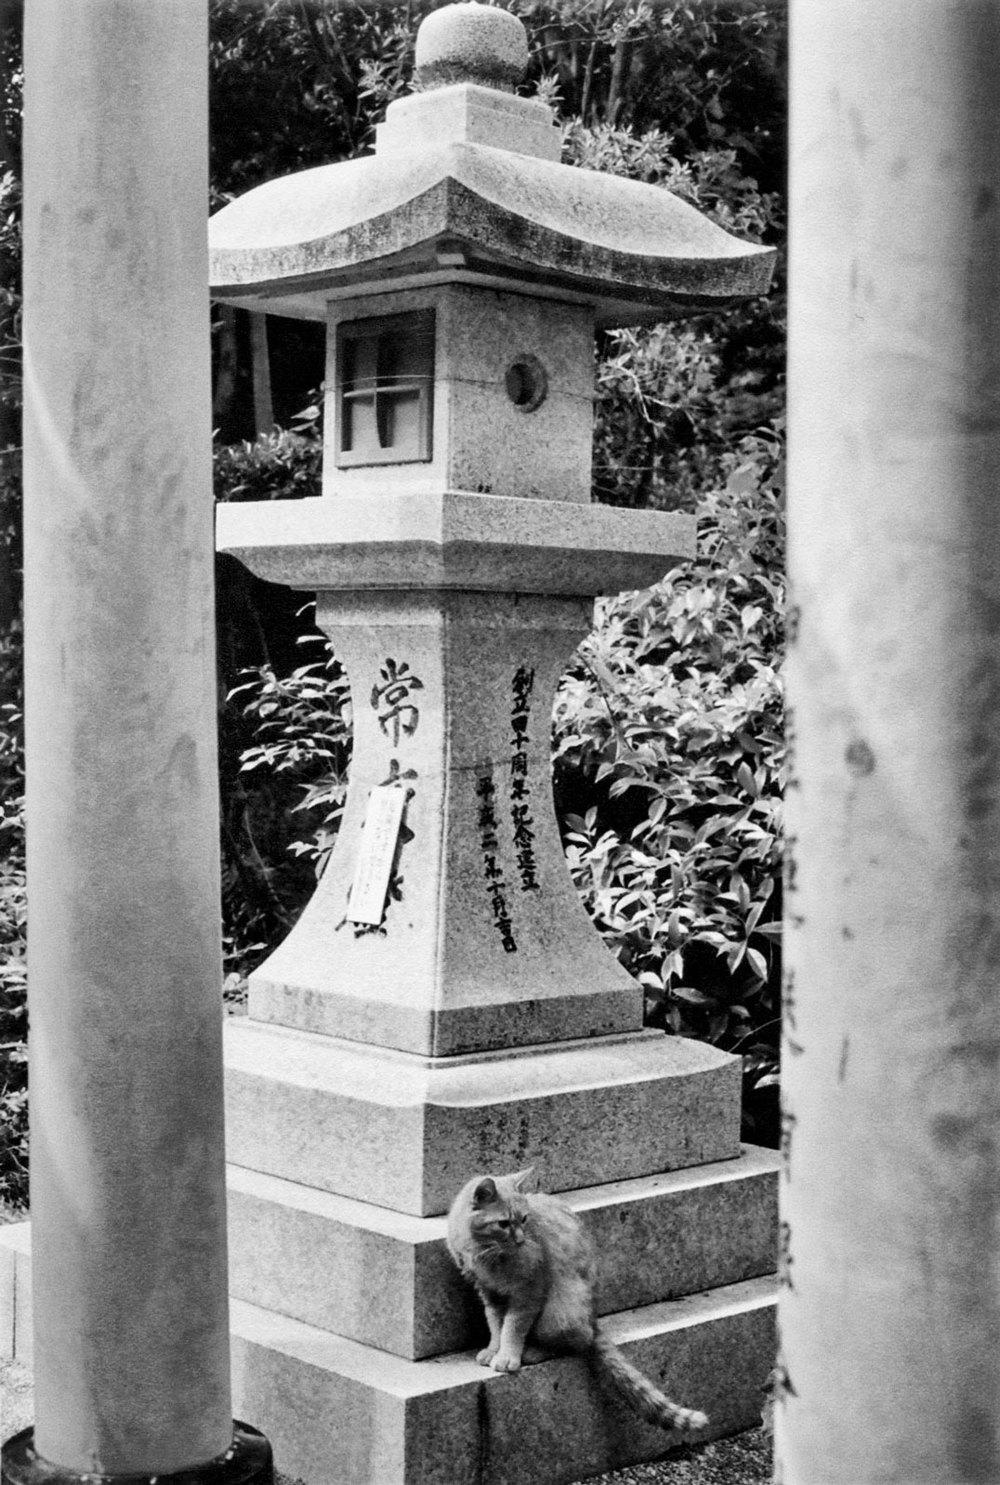 Japan_35mm_Fushimi-Inari_11.jpg